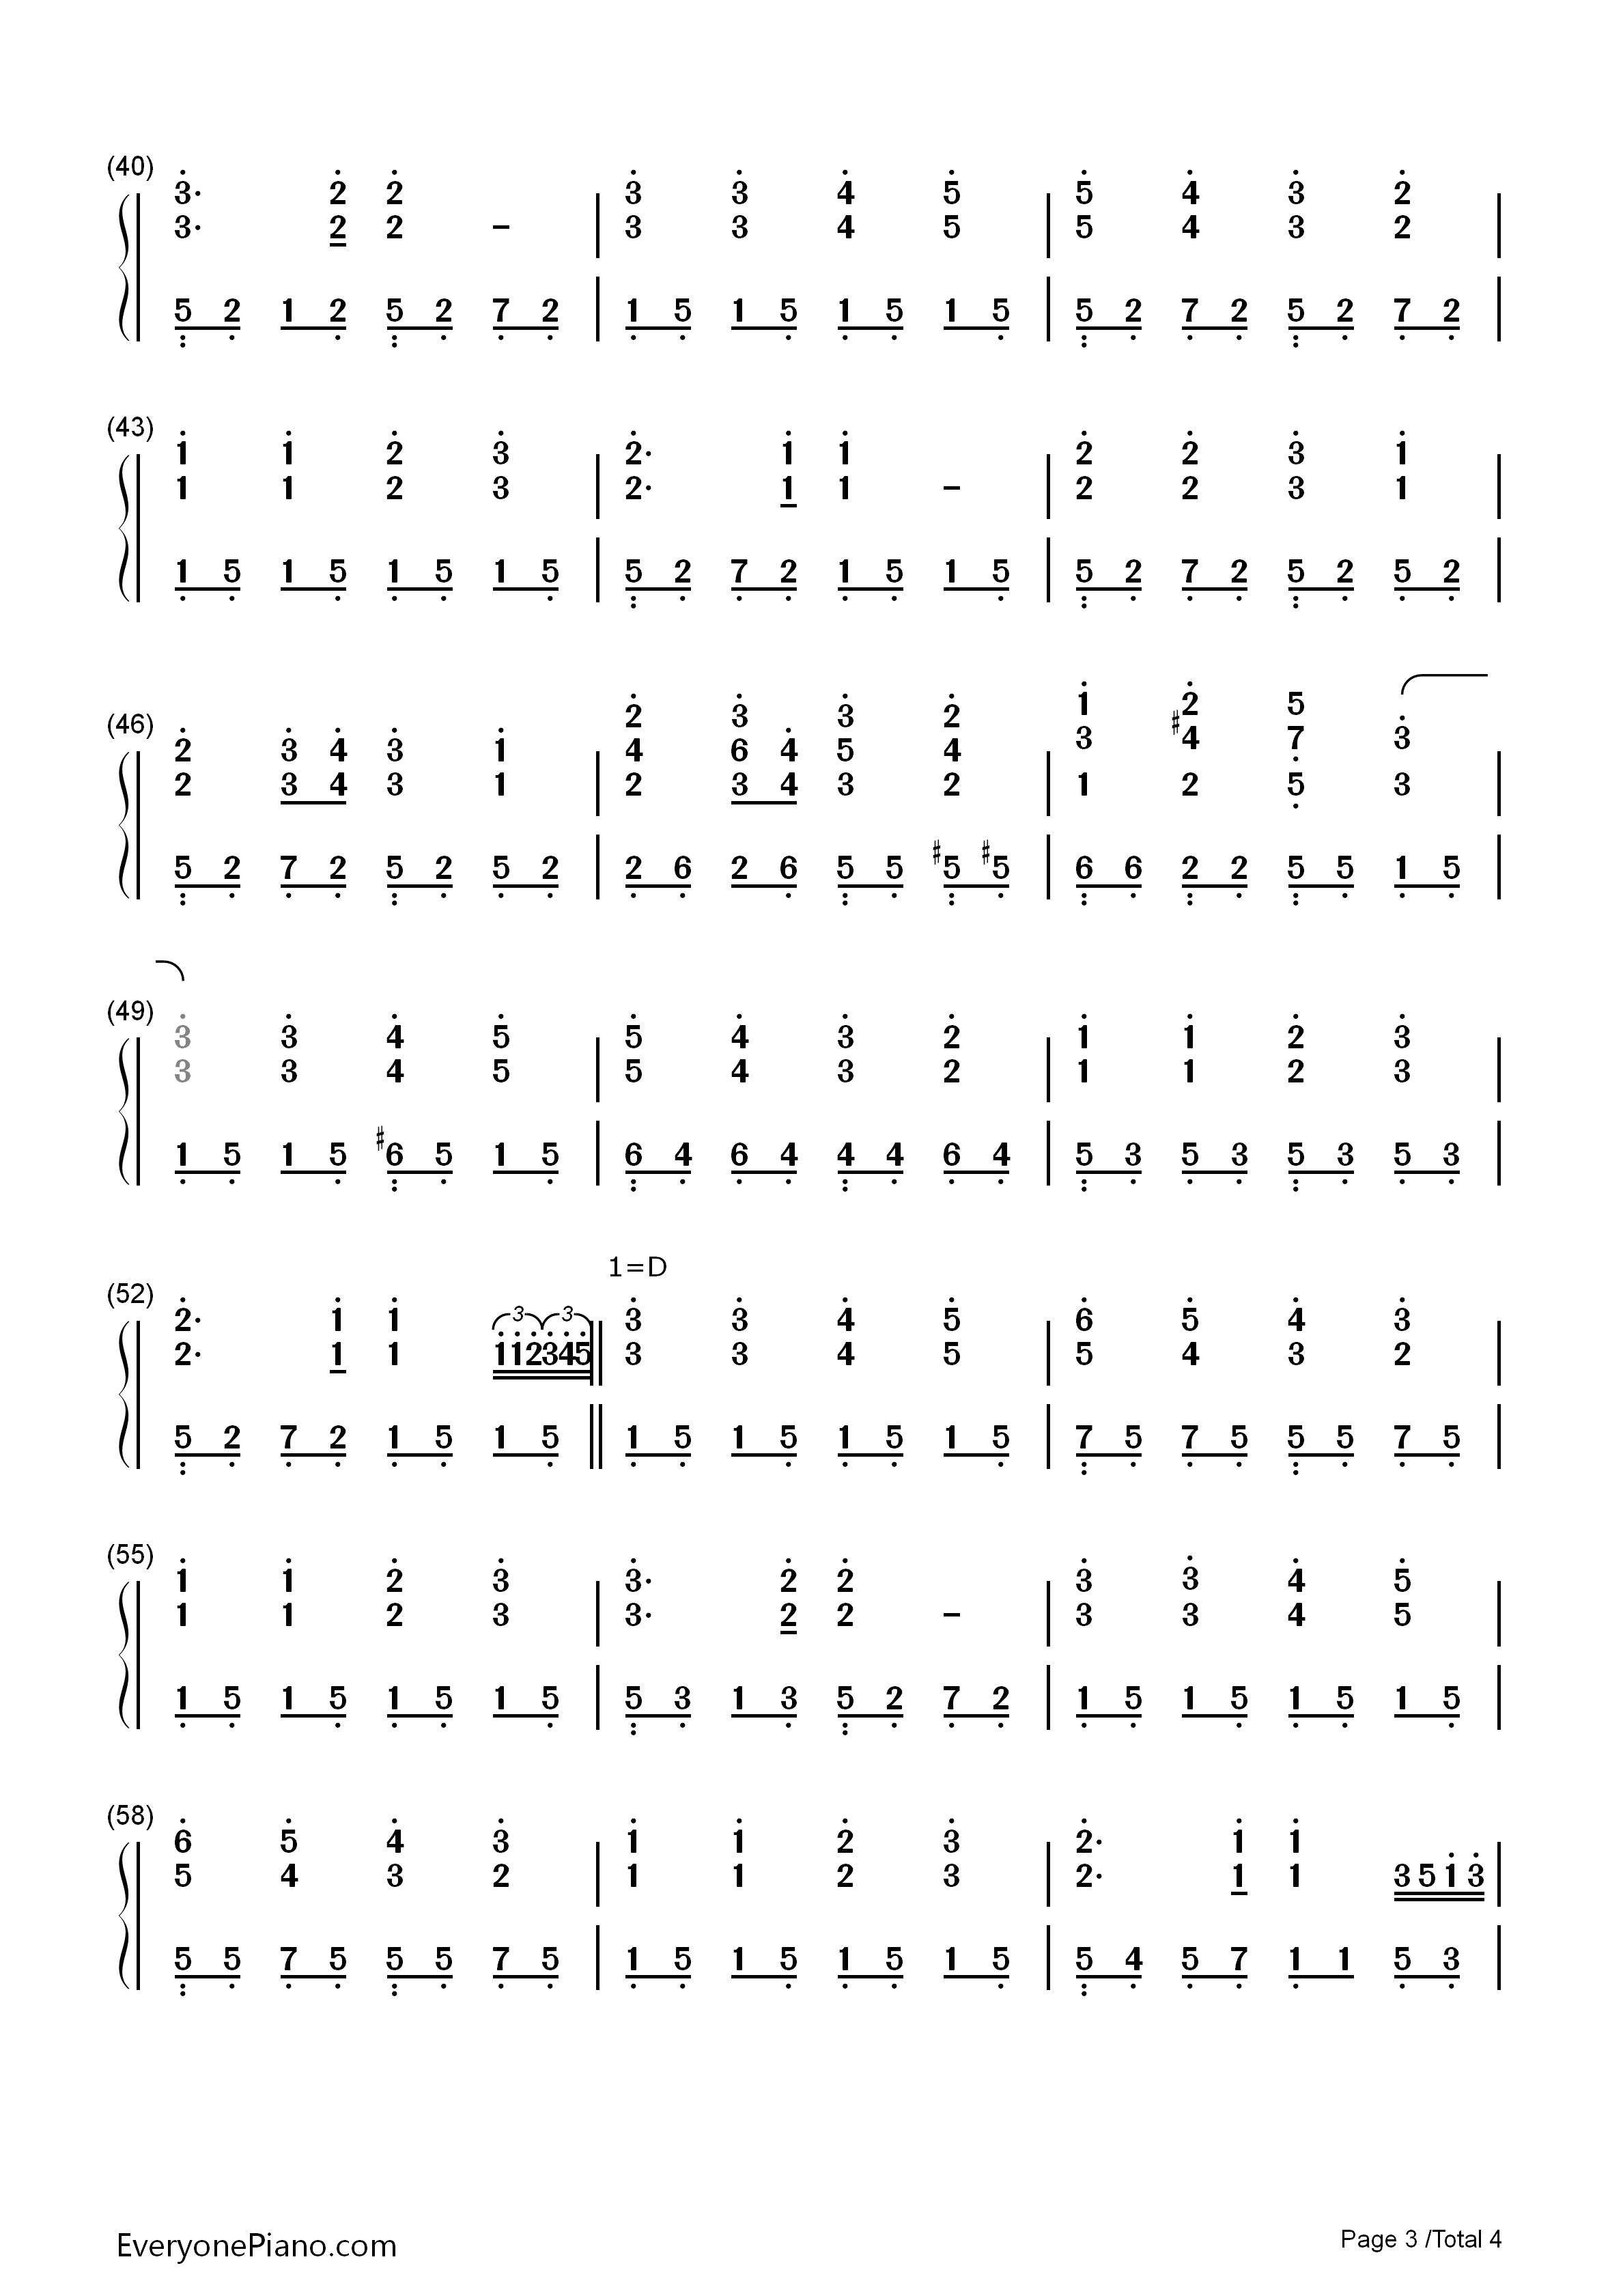 欢乐颂-完整版双手简谱预览3-钢琴谱